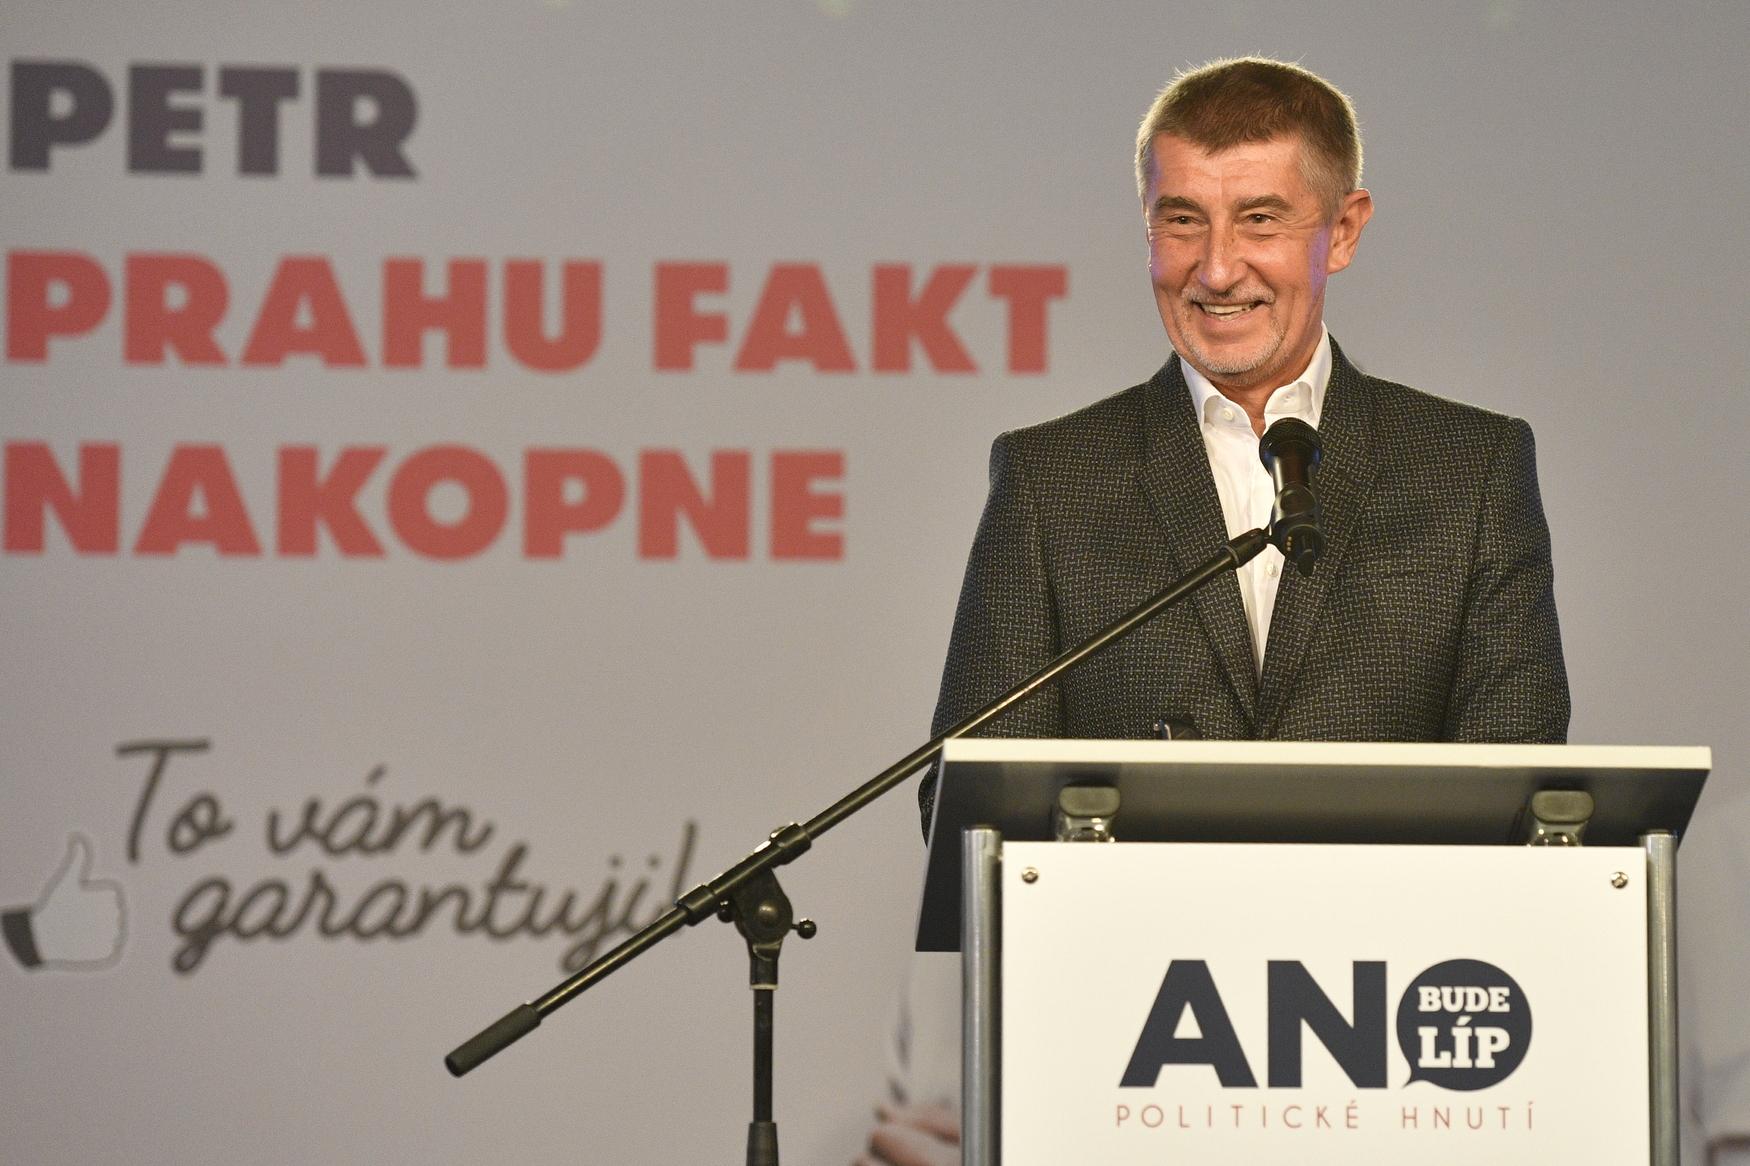 Premiér a předseda hnutí ANO Andrej Babiš ve volebním štábu v obchodním domě Kotva v Praze.